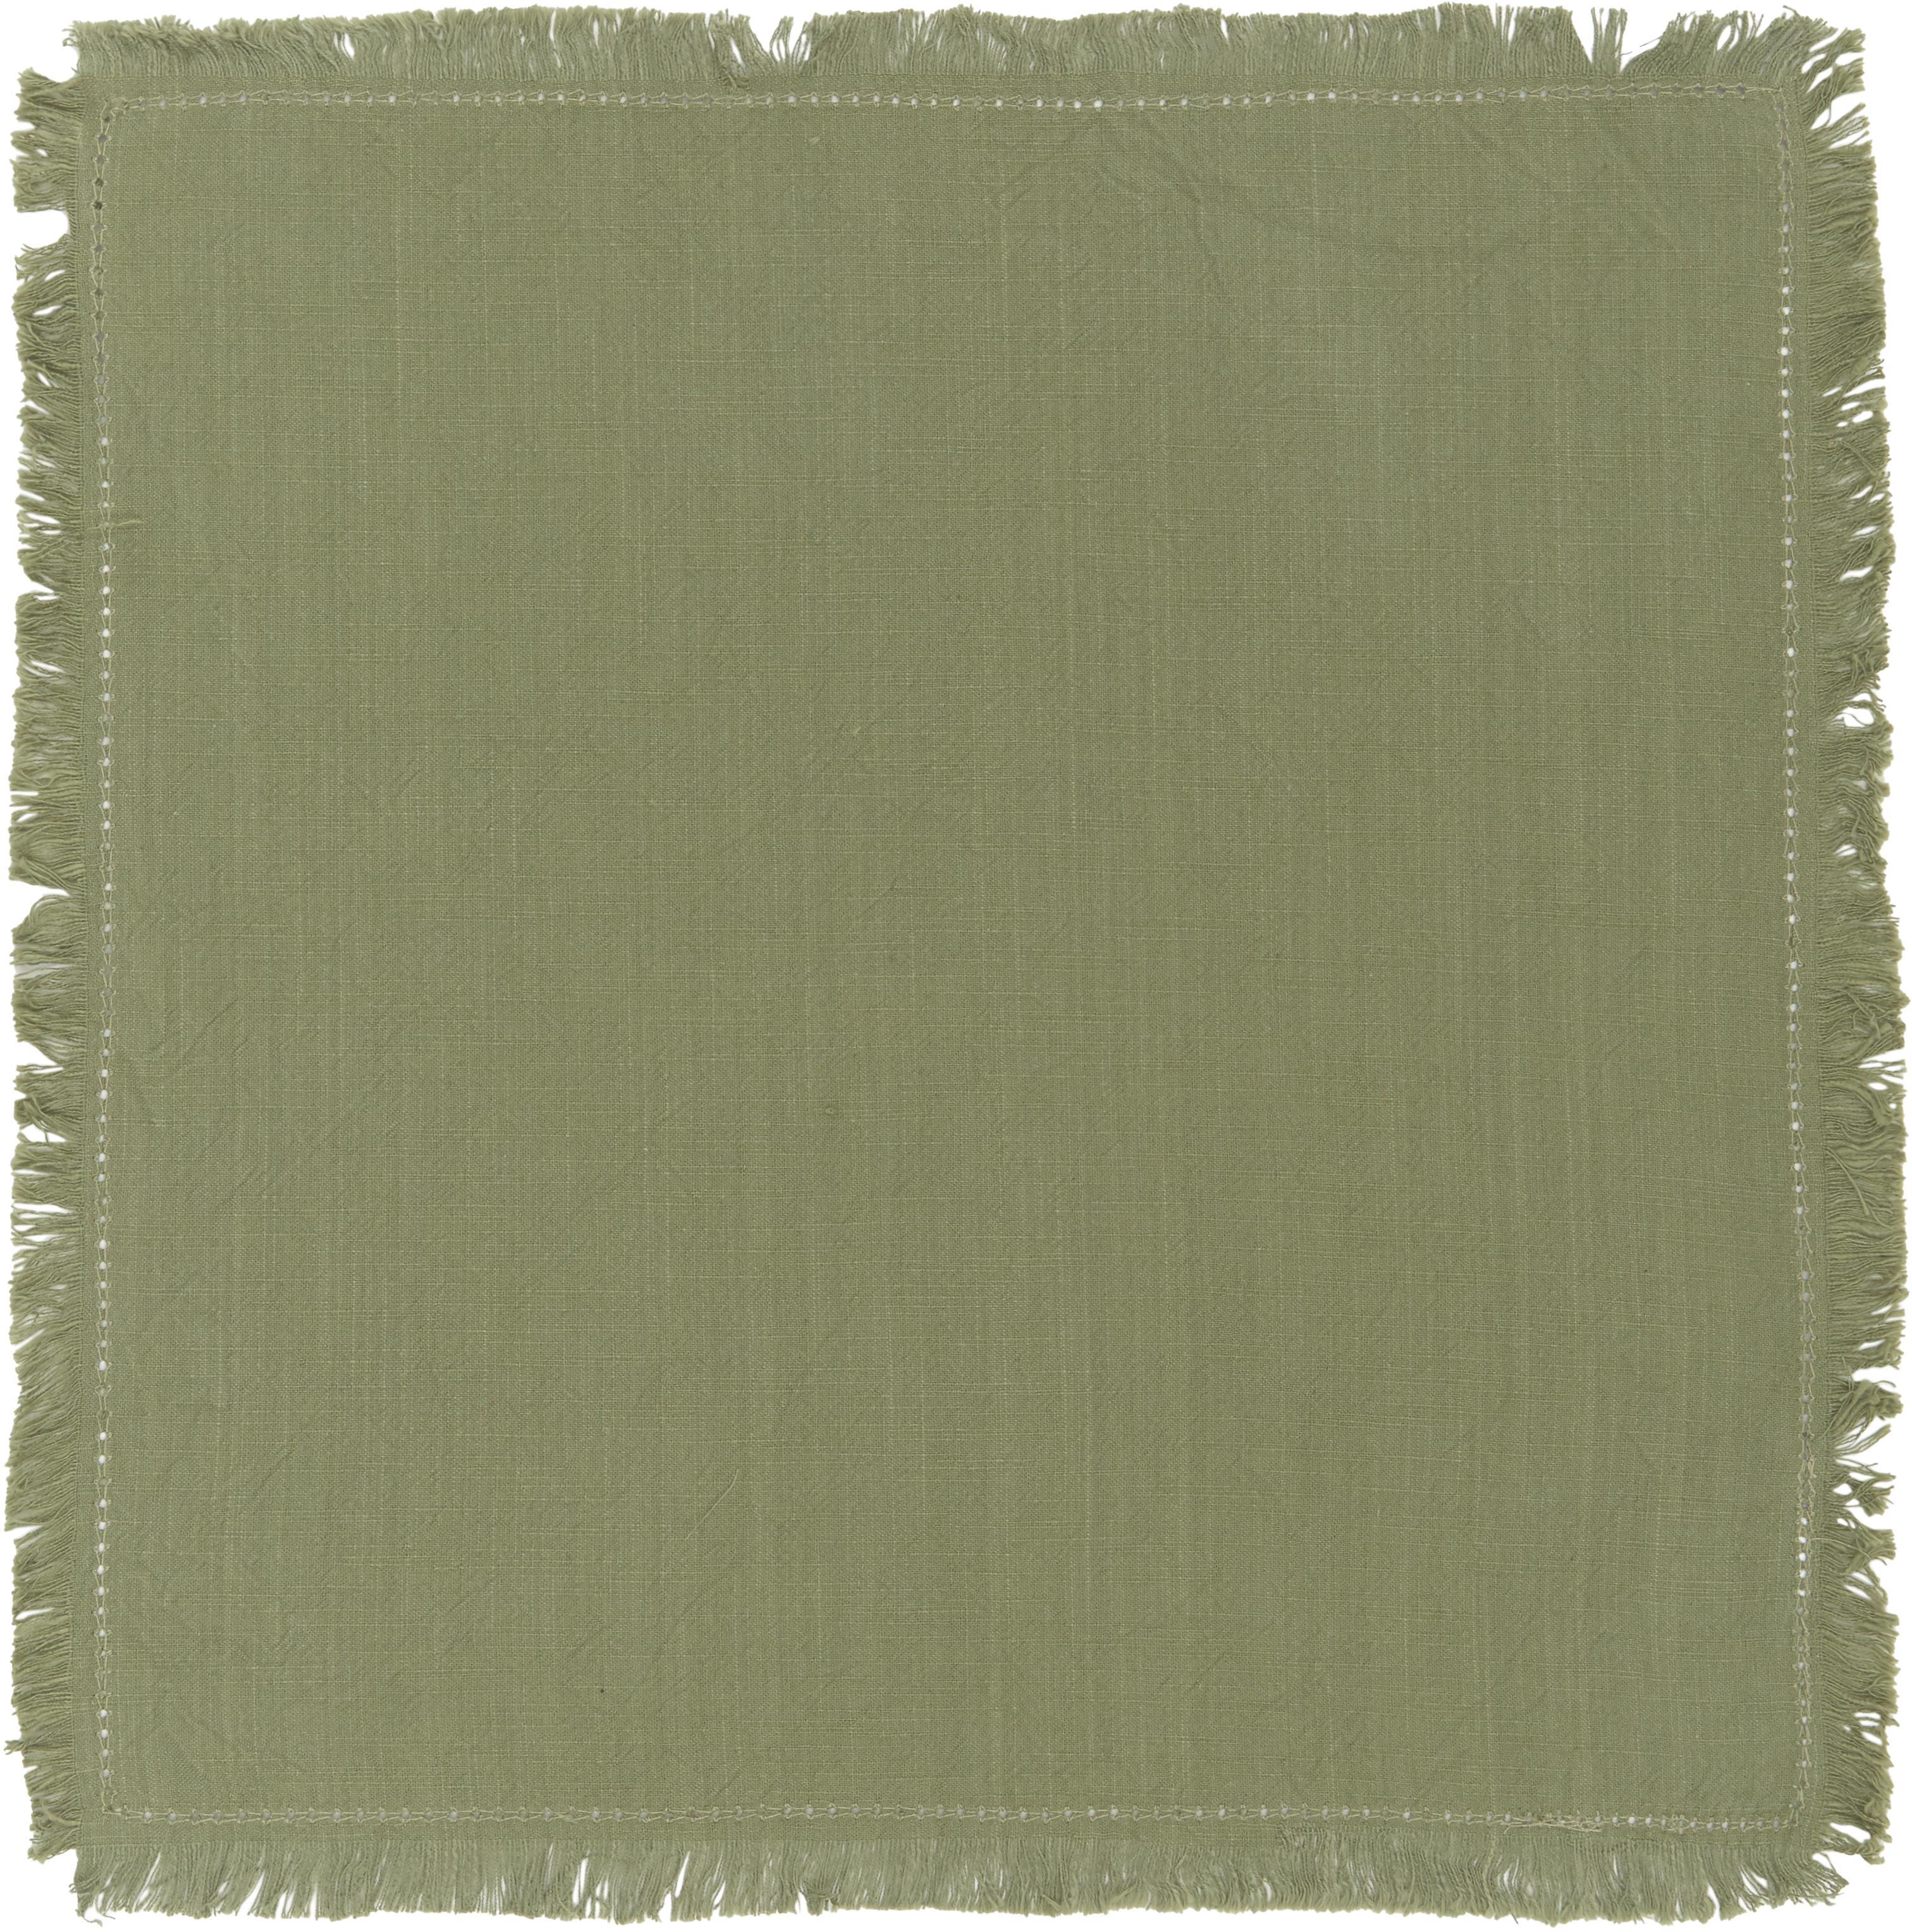 Katoenen servetten Hilma met franjes, 2 stuks, Katoen, Olijfgroen, 45 x 45 cm